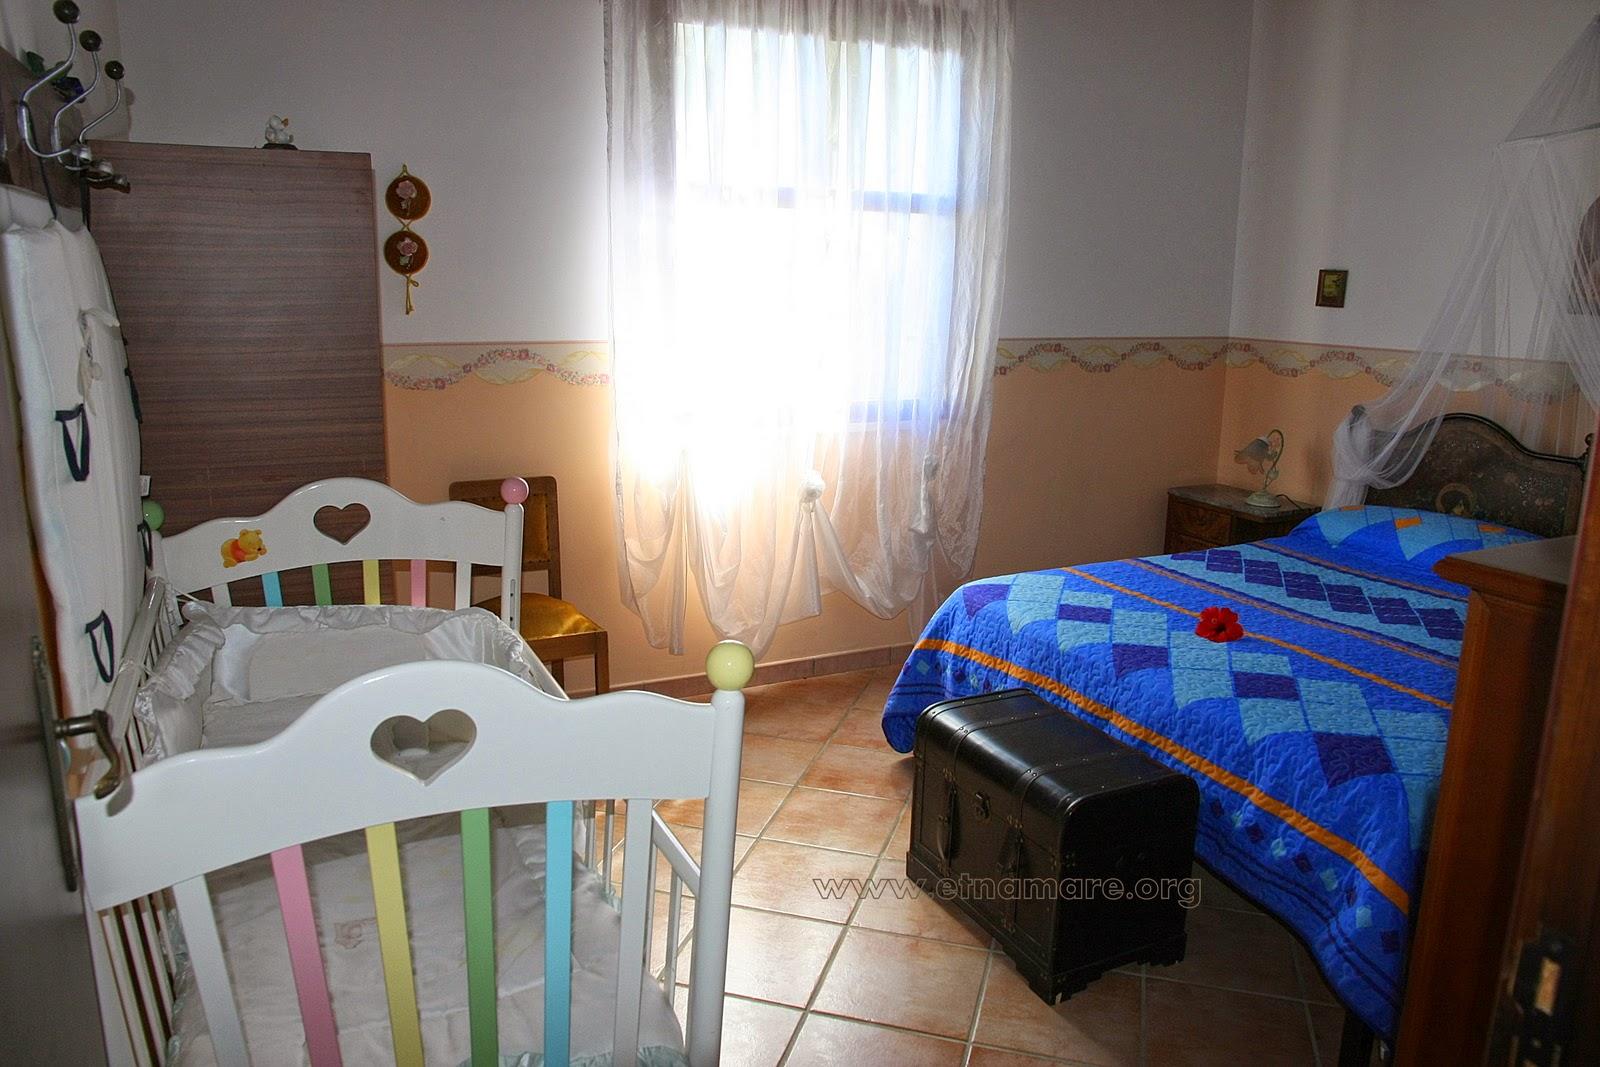 спальня 3 с детской кроваткой